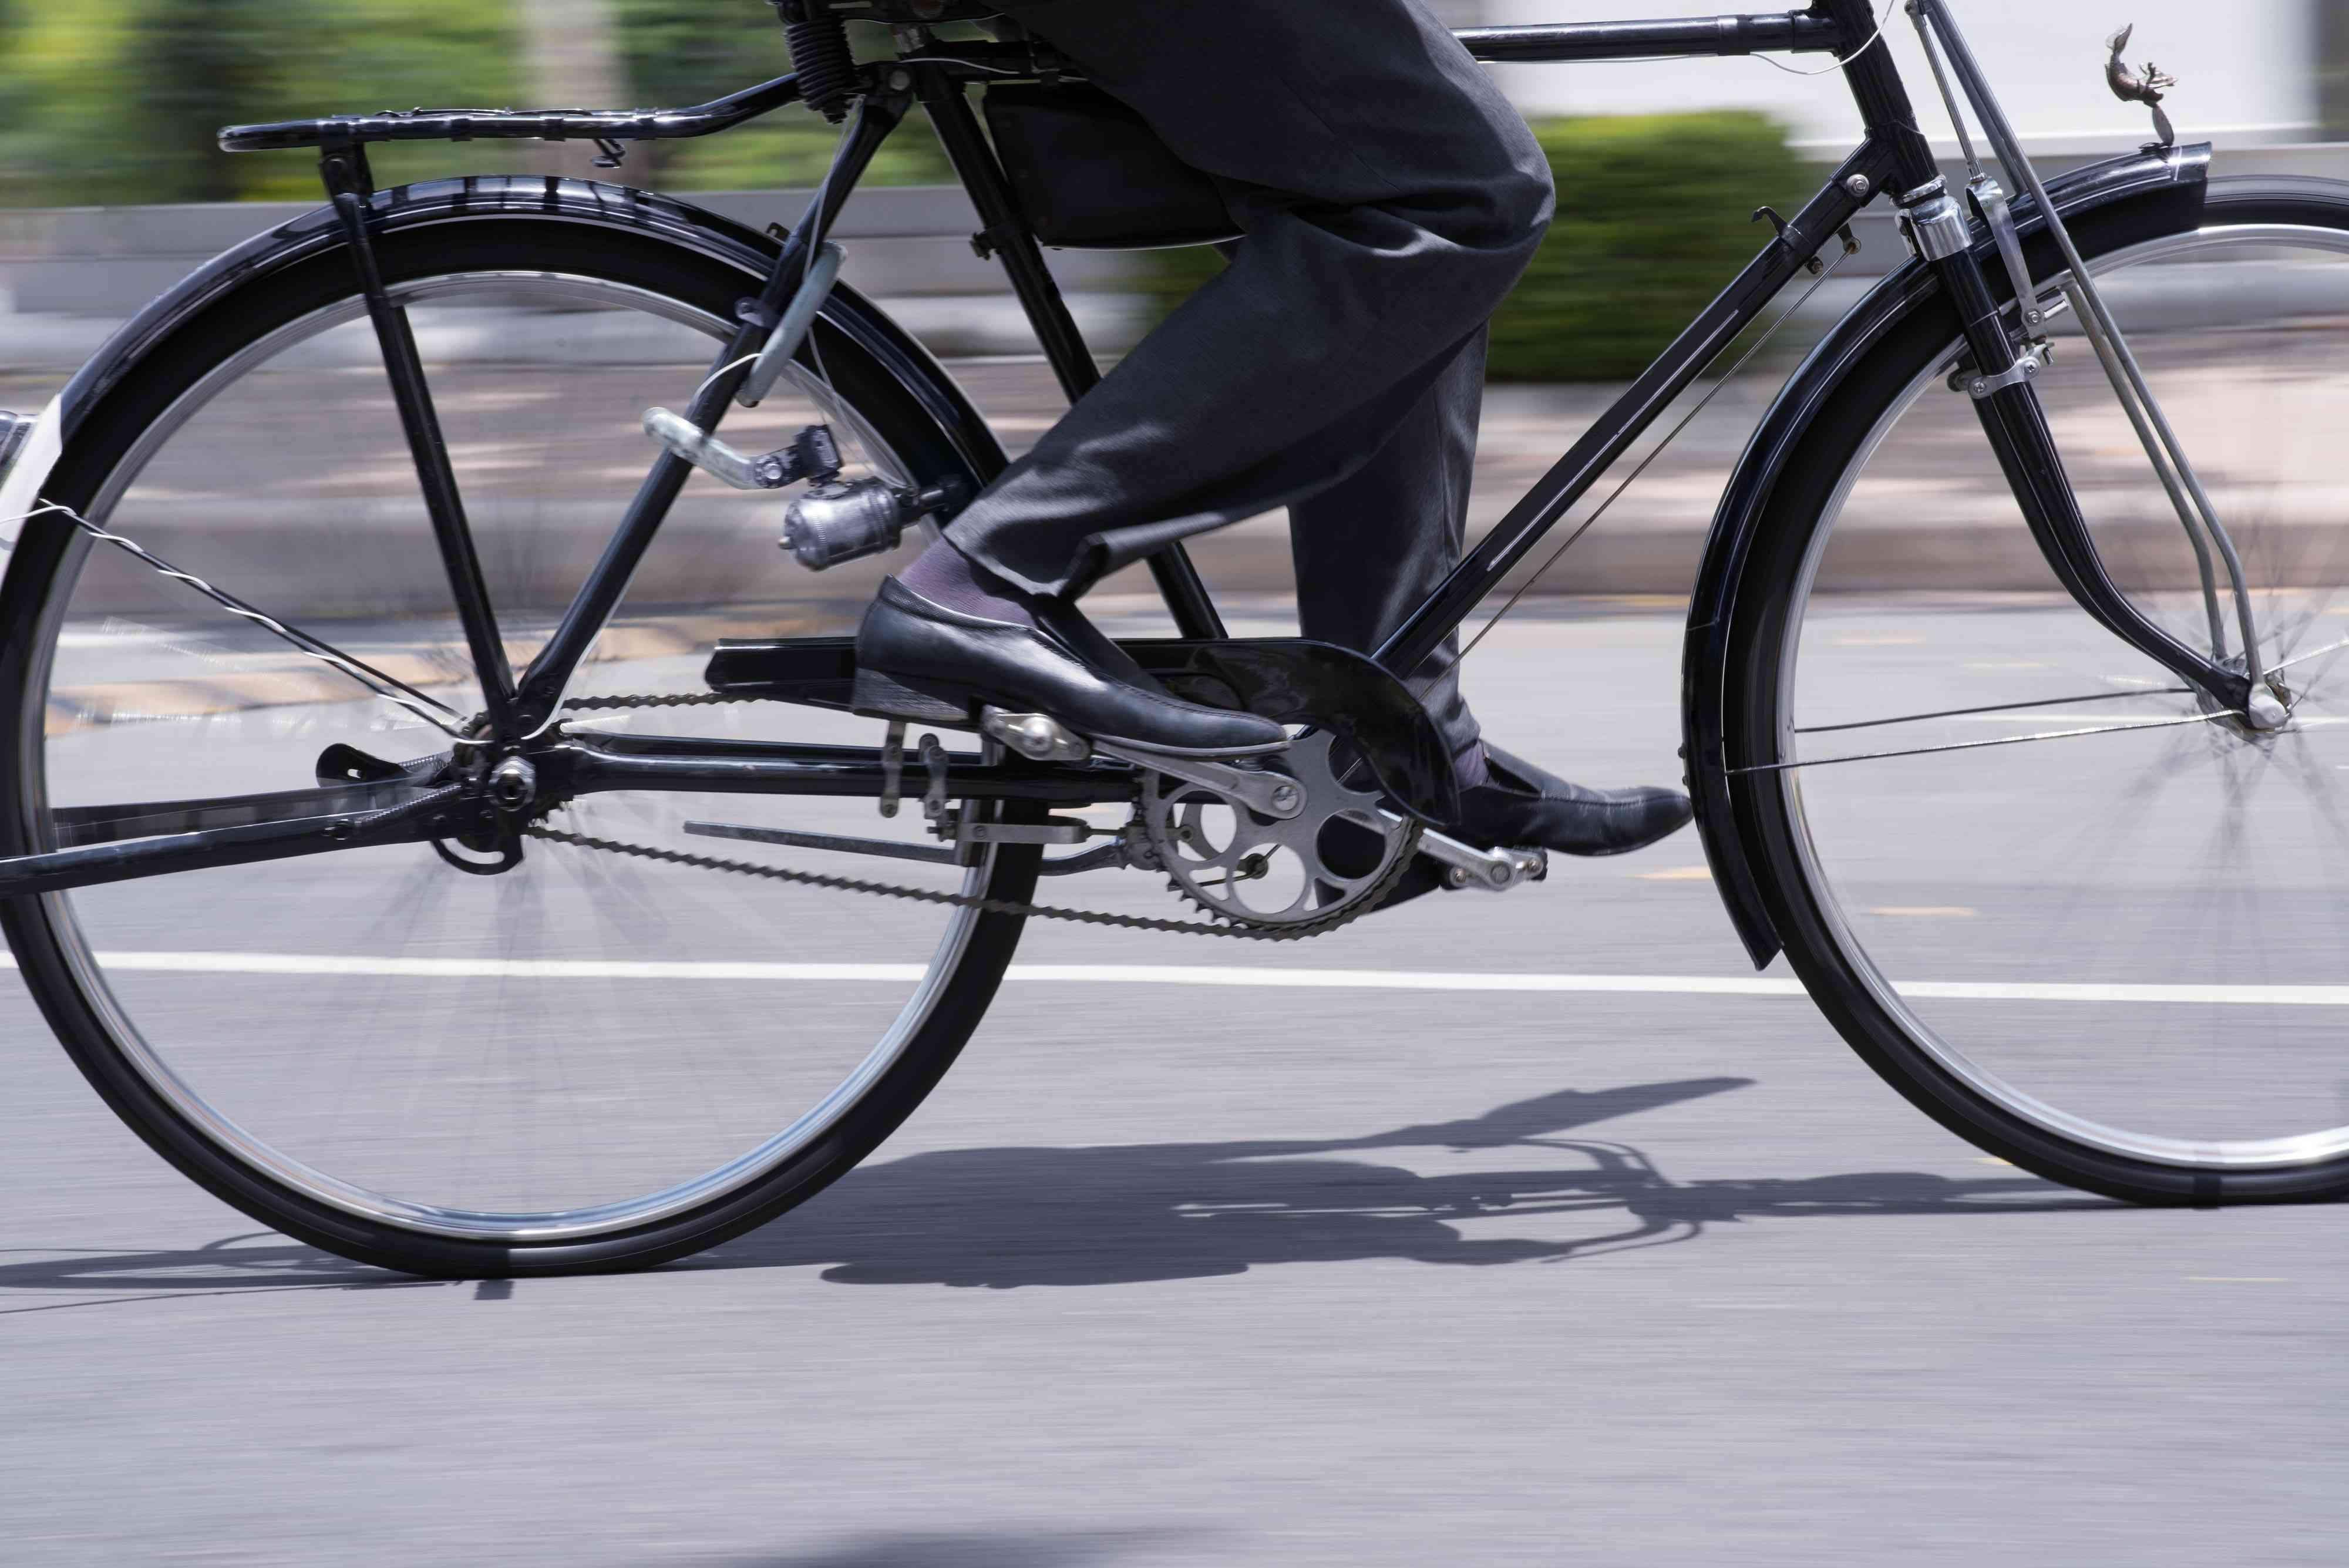 Desplazarse en bicicleta es considerado por el 41% de los españoles como peligroso 2